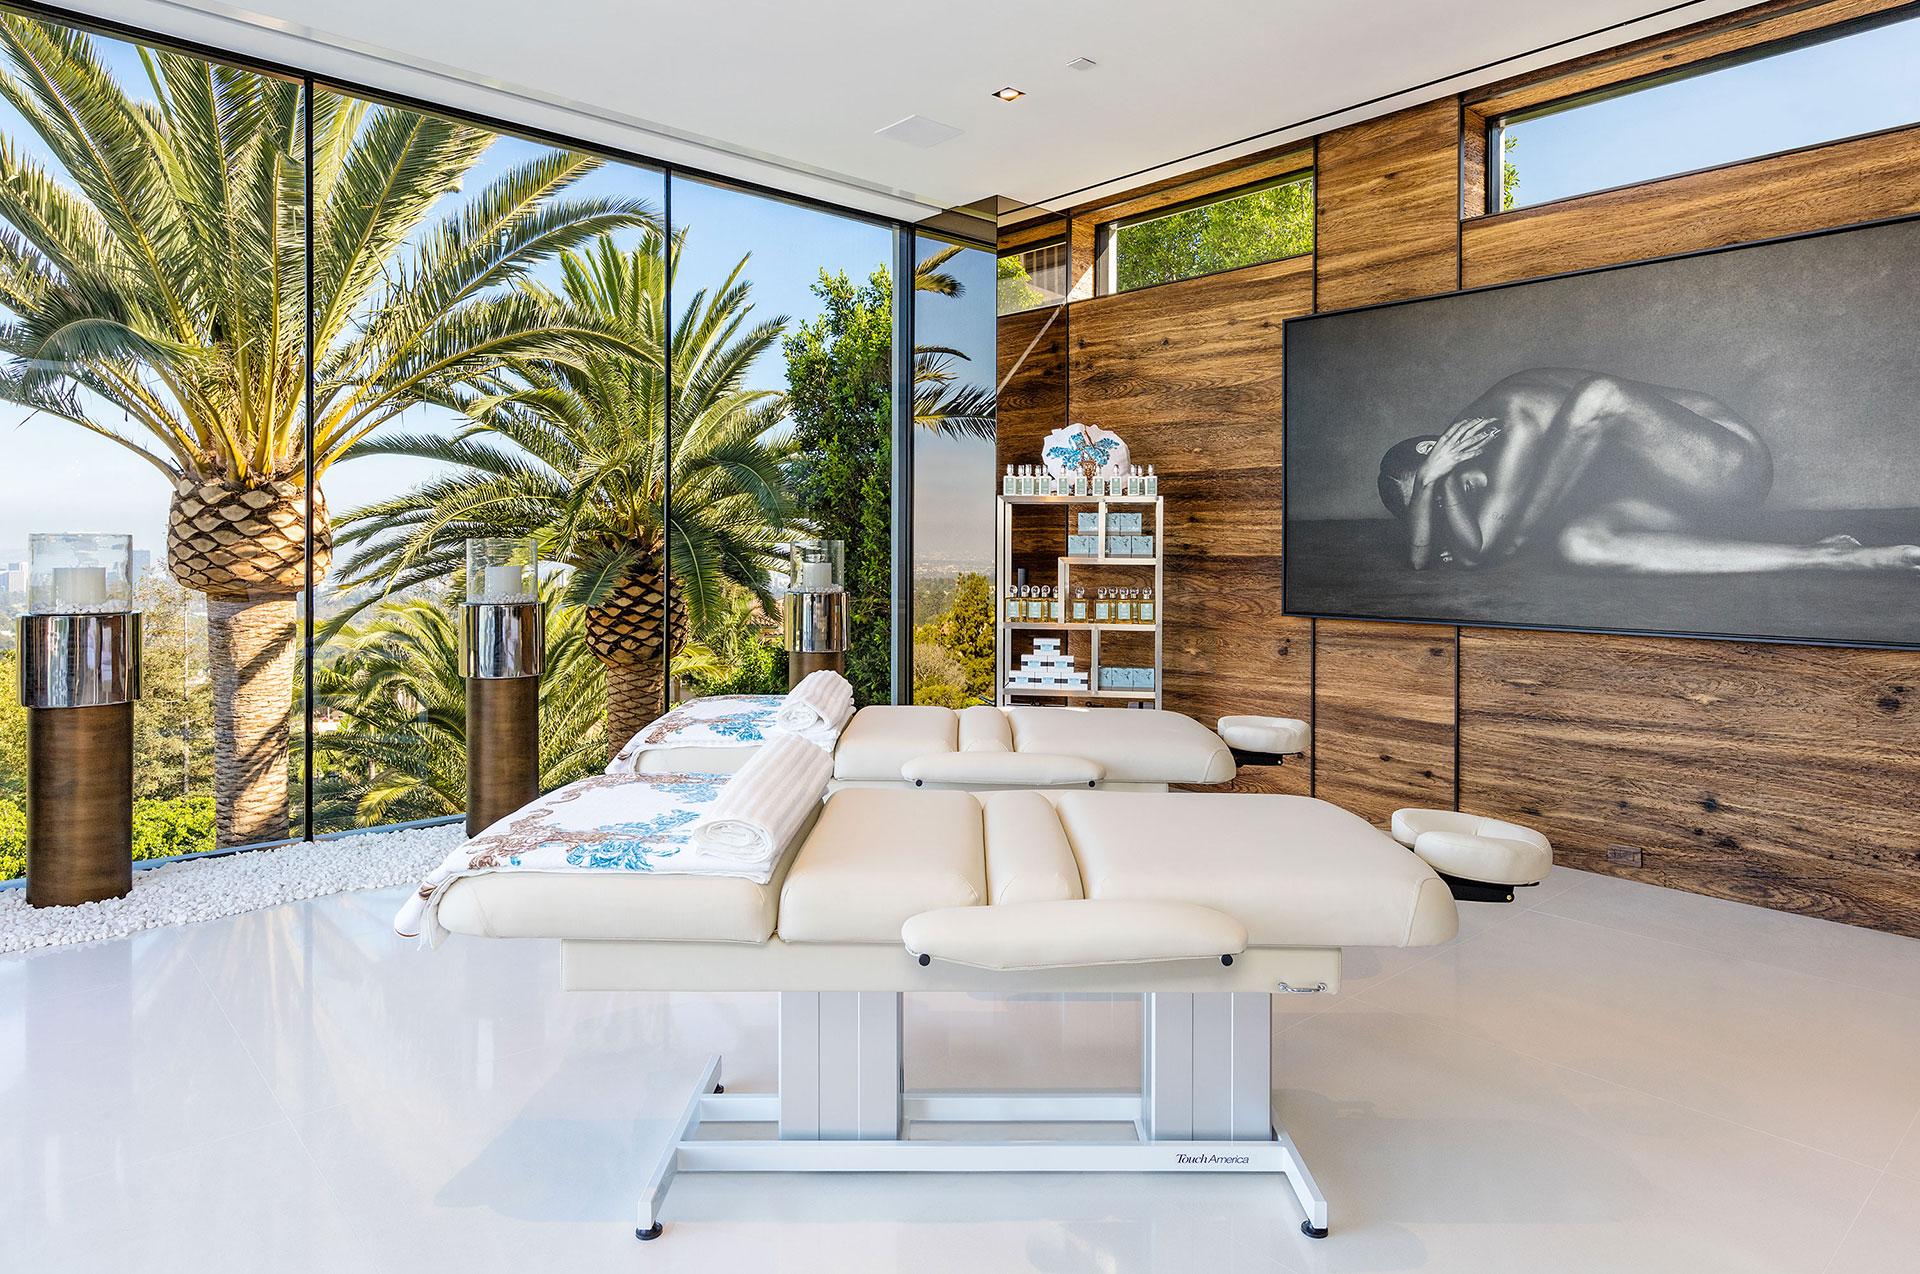 La mansión tiene 21 baños y exclusivas zonas de relax (BAM Luxury Development)